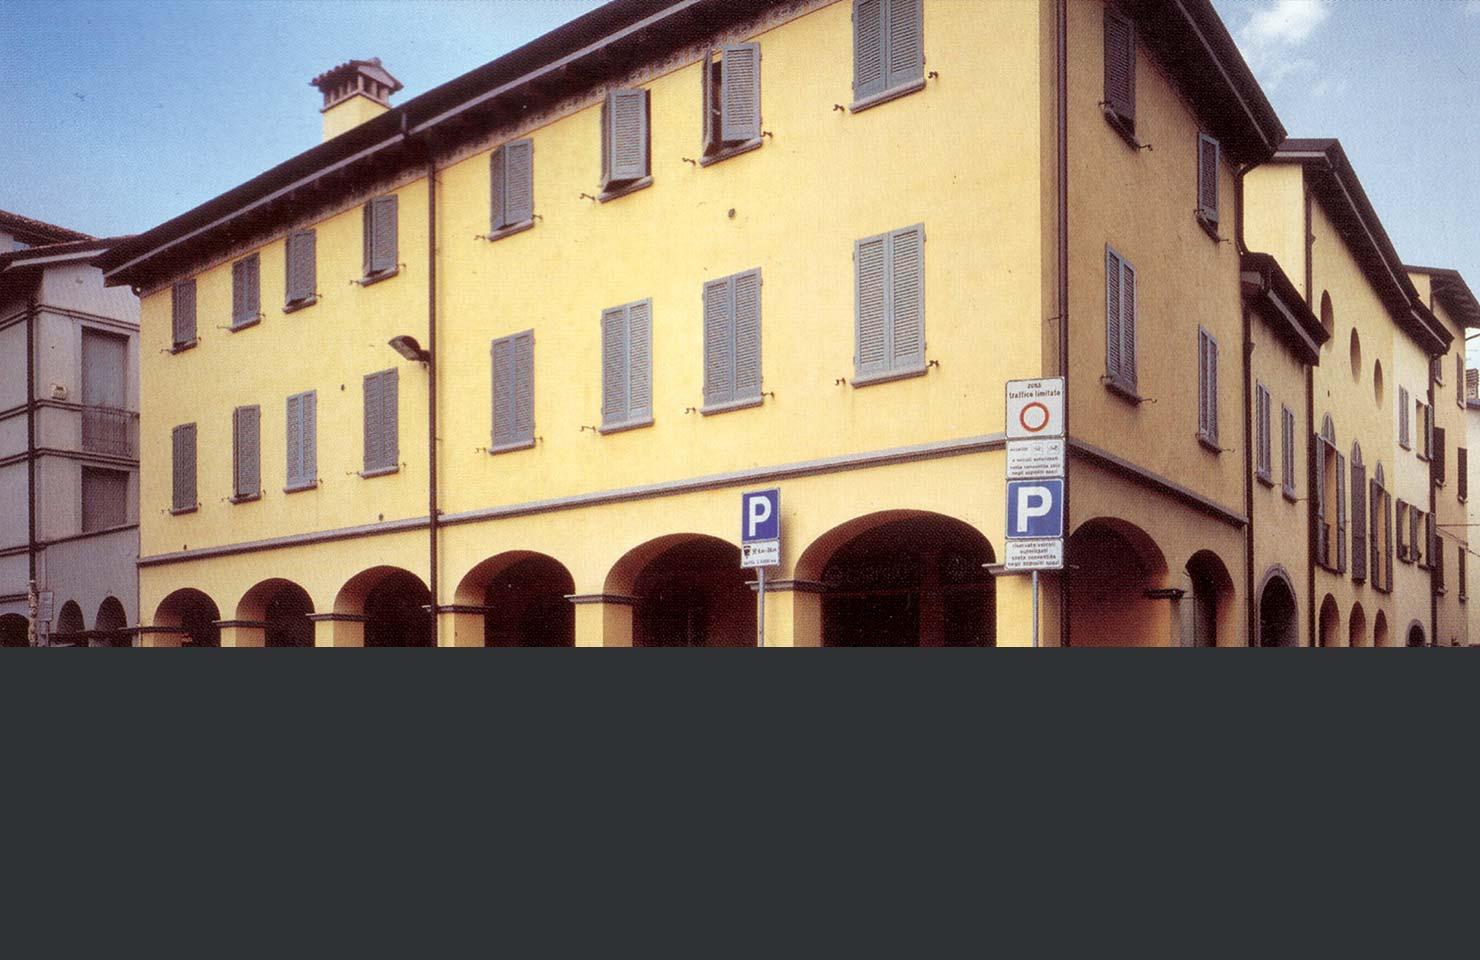 Ristrutturazione via giorgione reggio emilia arcus - Ristrutturazione casa reggio emilia ...